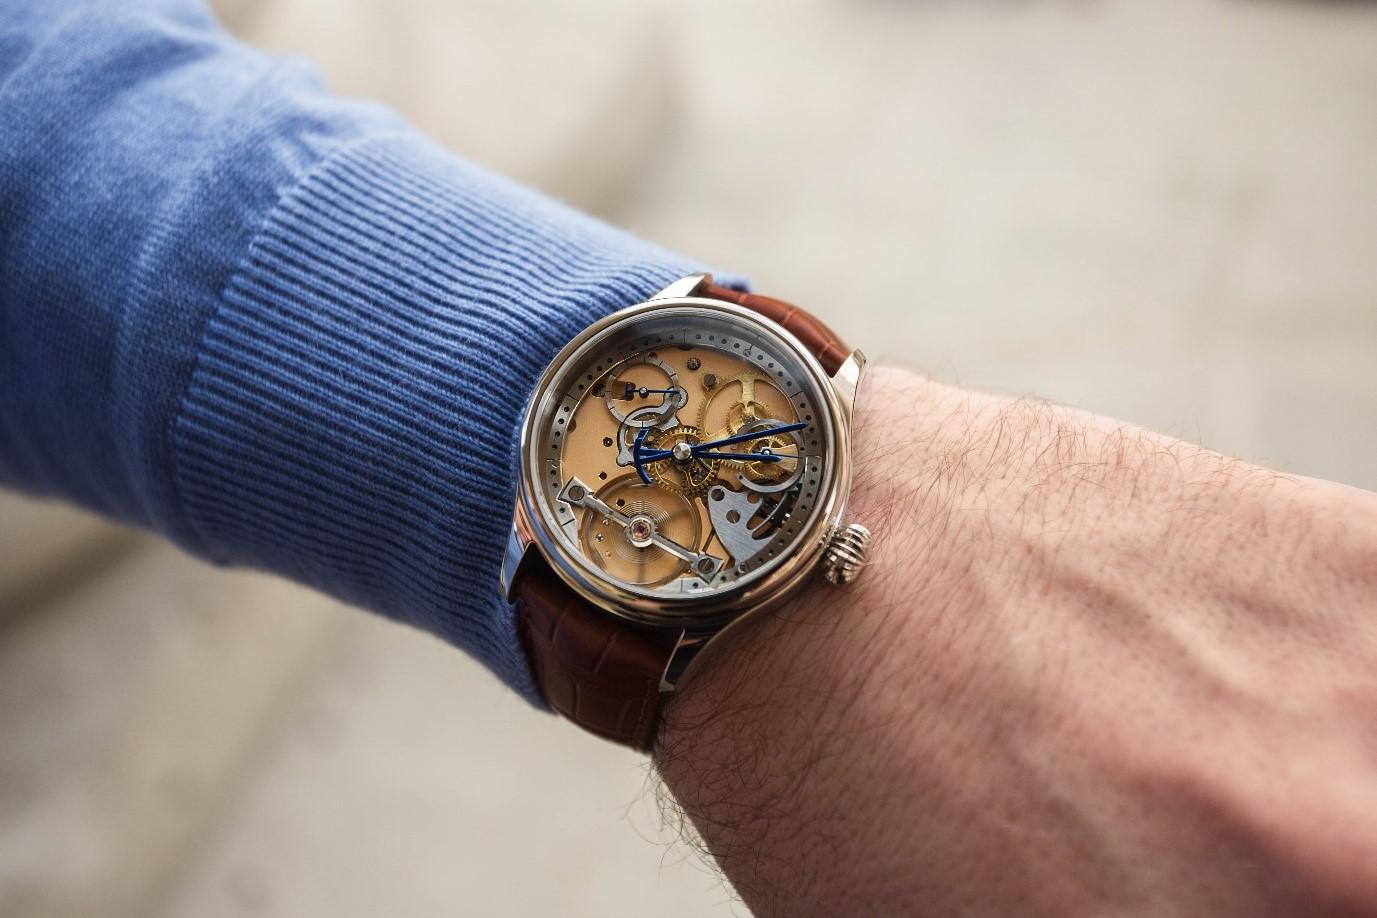 Garrick S1 watch made in England